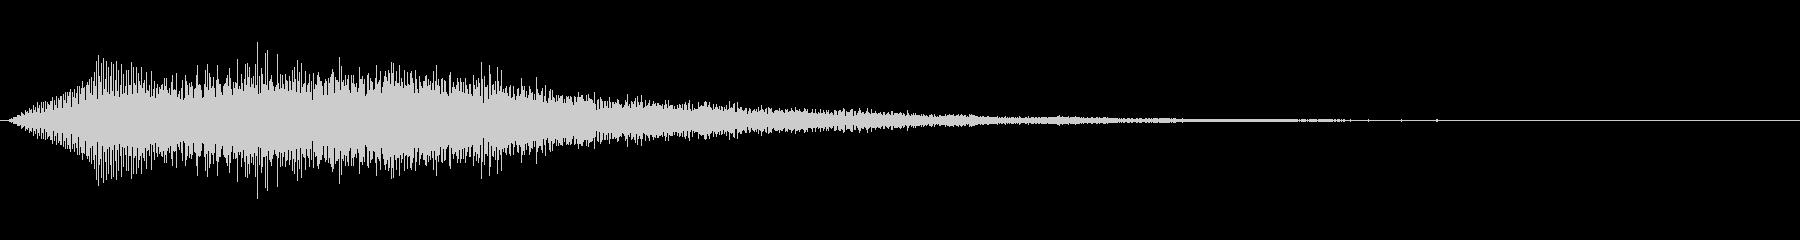 発見(ノイズ有り)1の未再生の波形